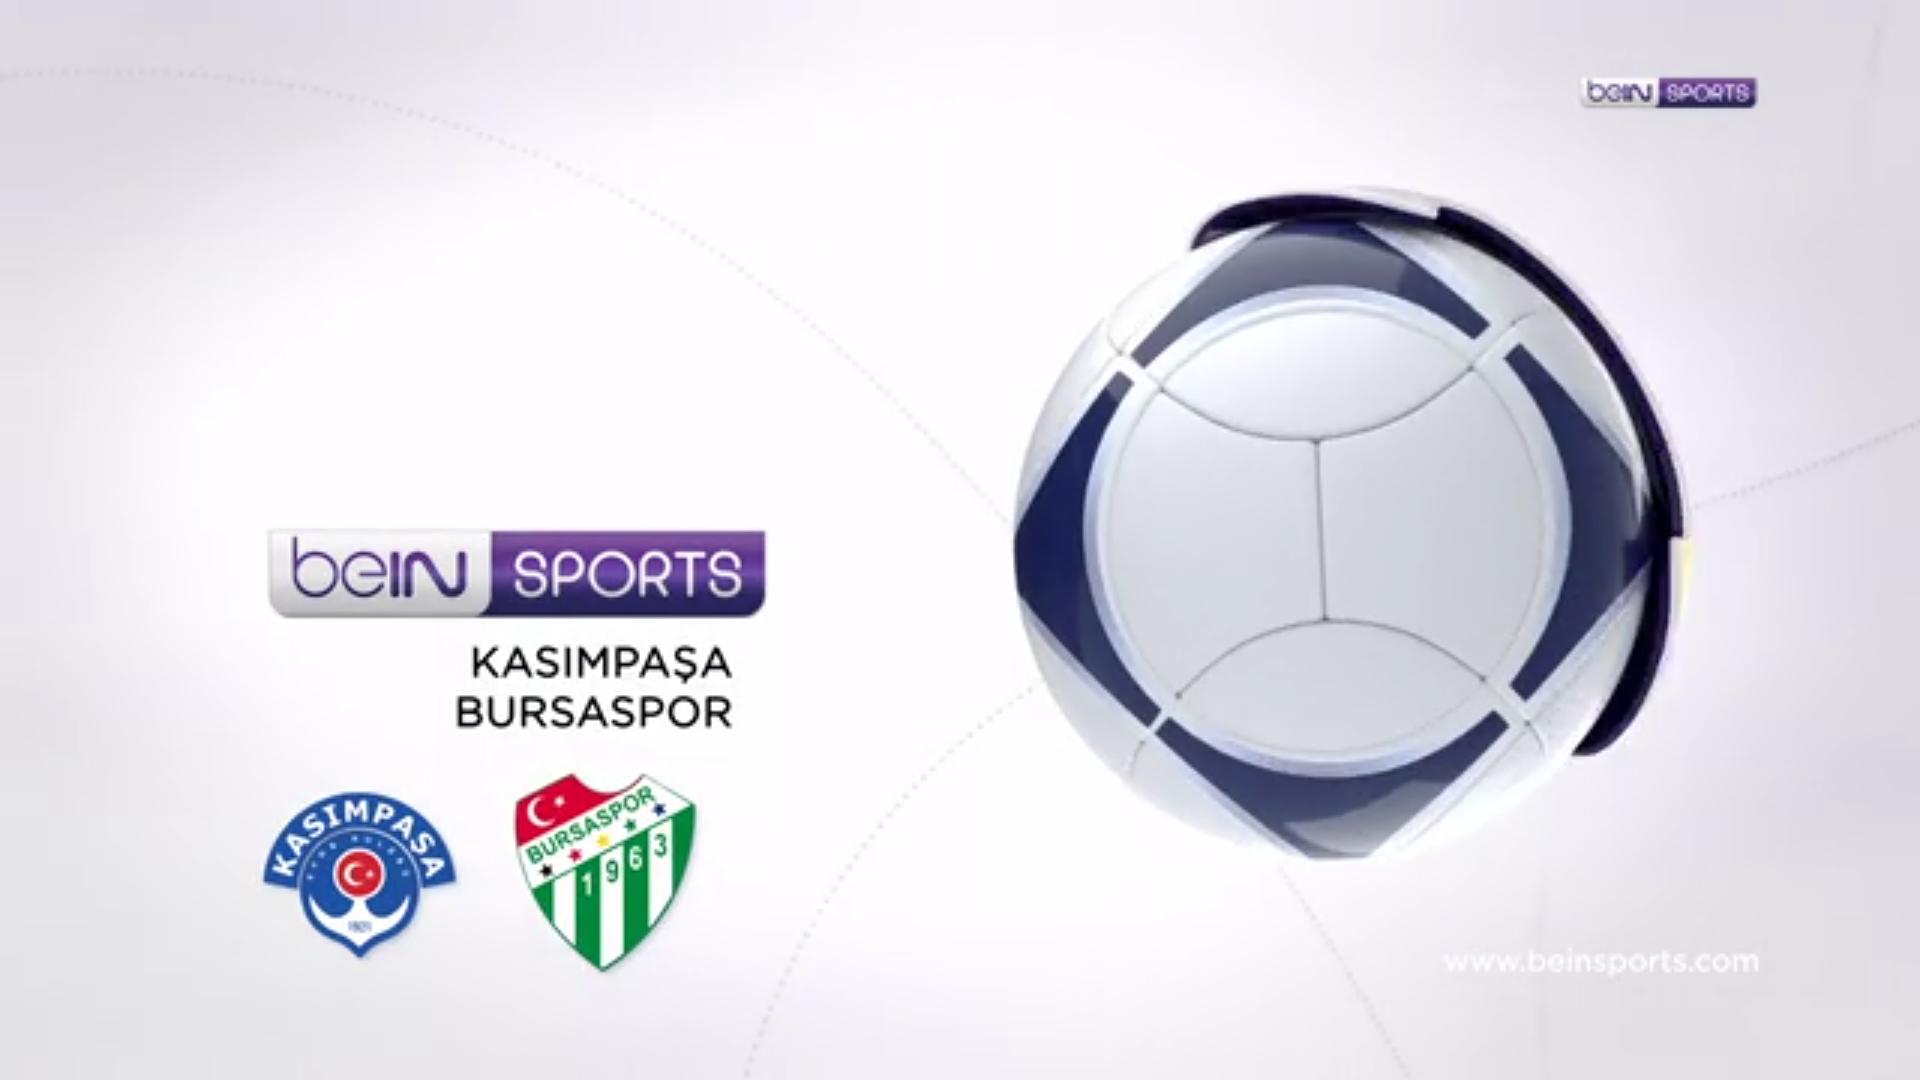 04-11-2017 - Kasimpasa 2-2 Bursaspor